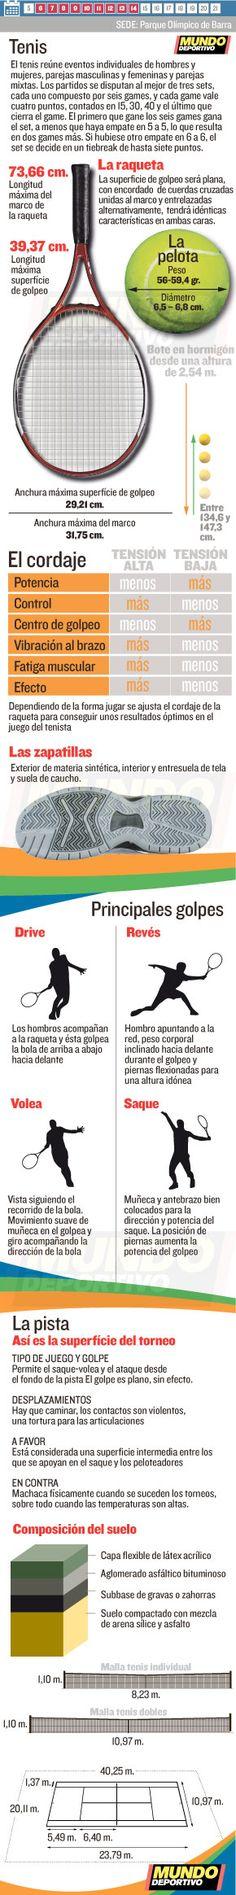 Tenis en las Olimpíadas de Río 2016. Las reglas básicas del tenis, el calendario y toda la competición en mundodeportivo.com